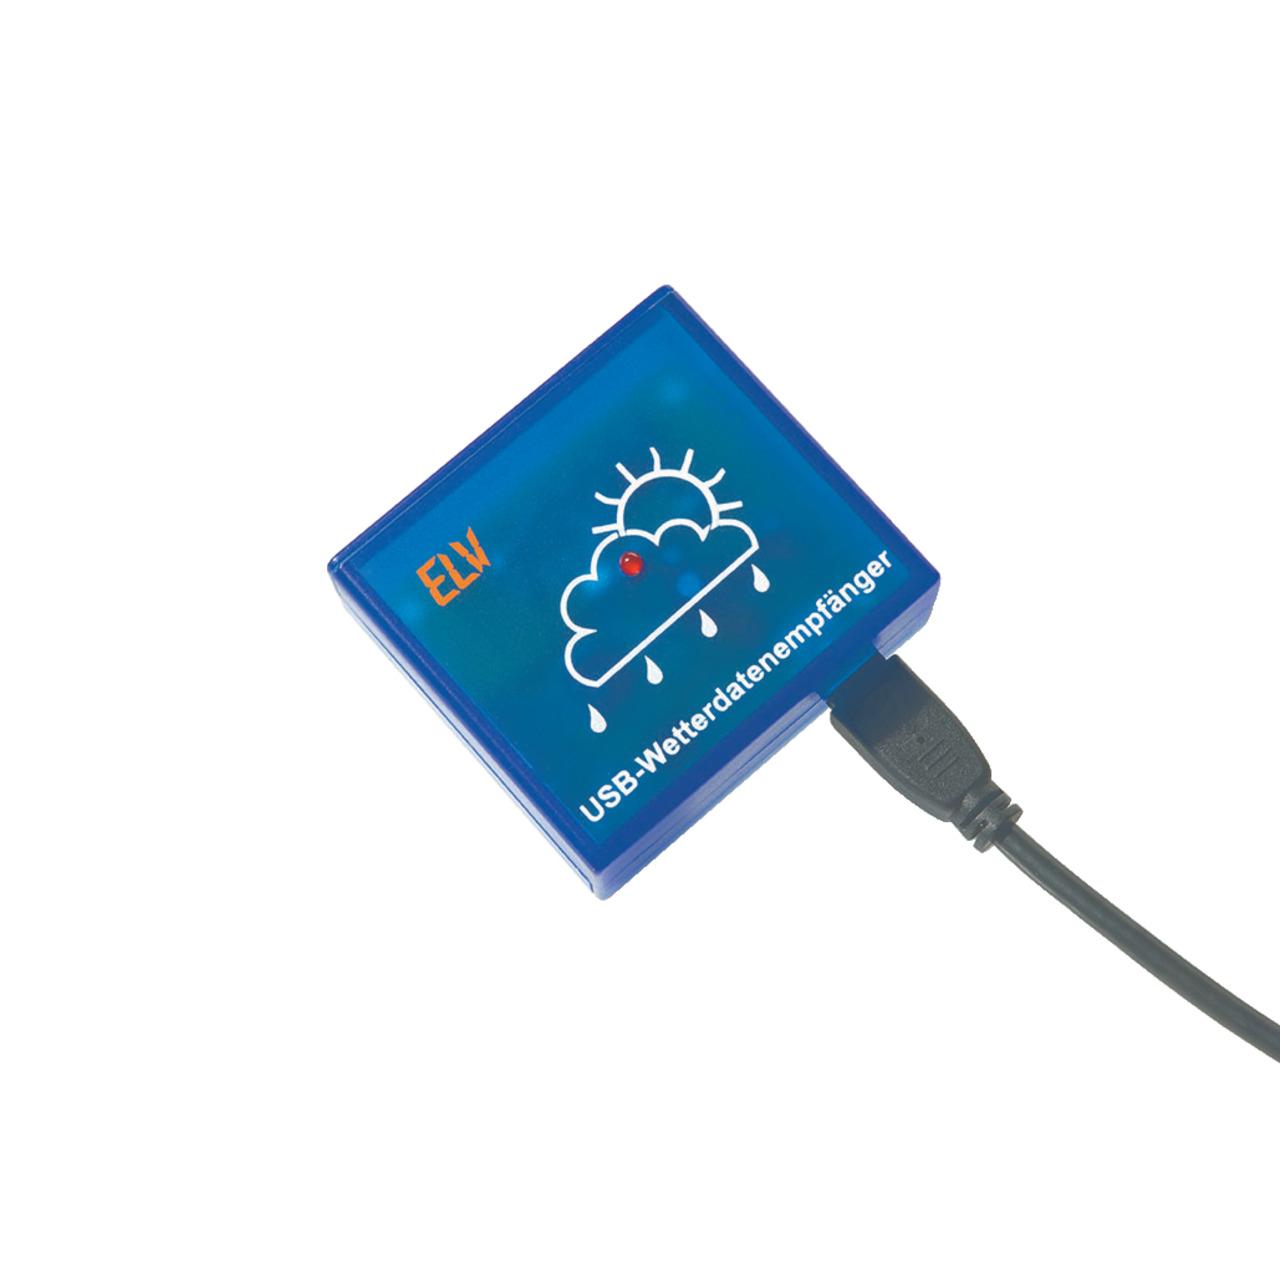 ELV Komplettbausatz USB-Wetterdaten-Empfänger USB-WDE1-2